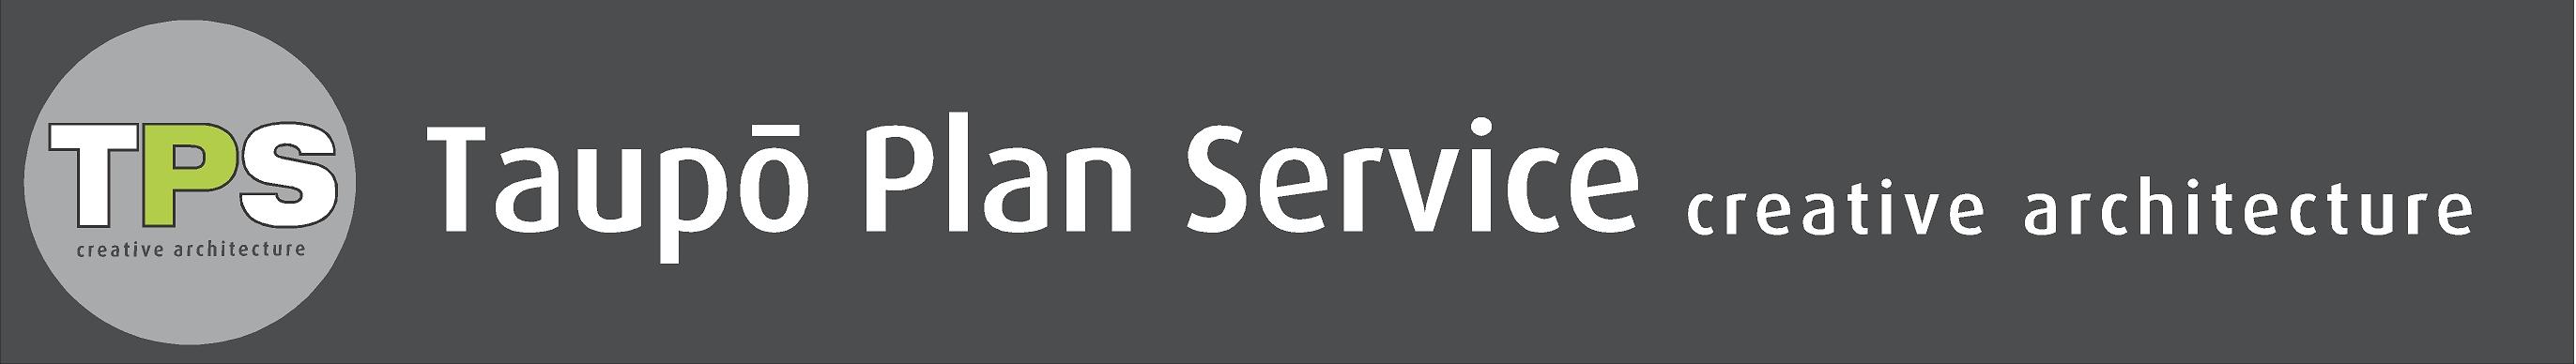 Taupo Plan Service